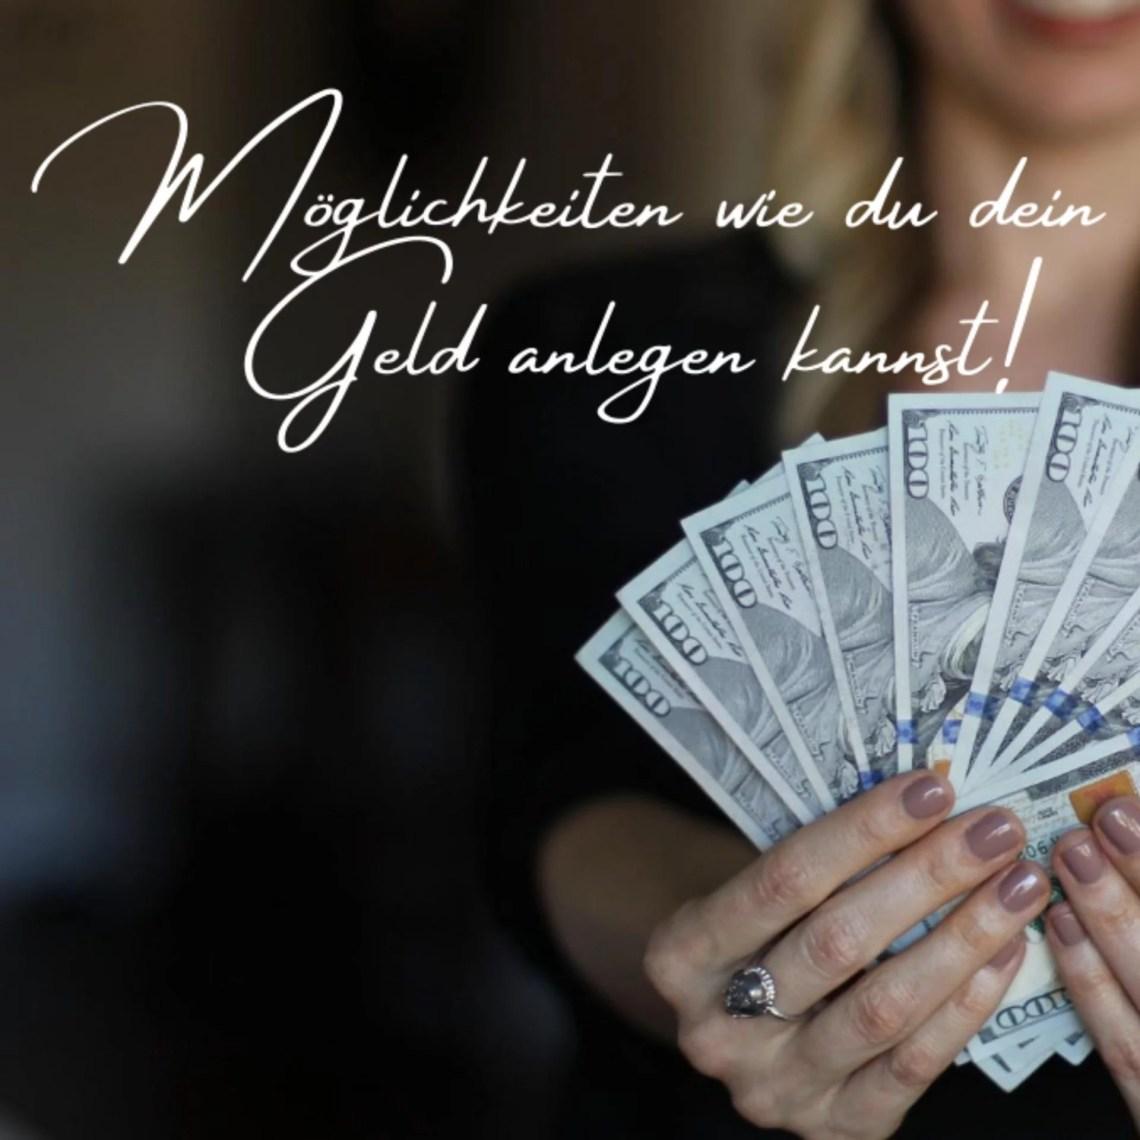 Möglichkeiten wie du dein Geld anlegen kannst